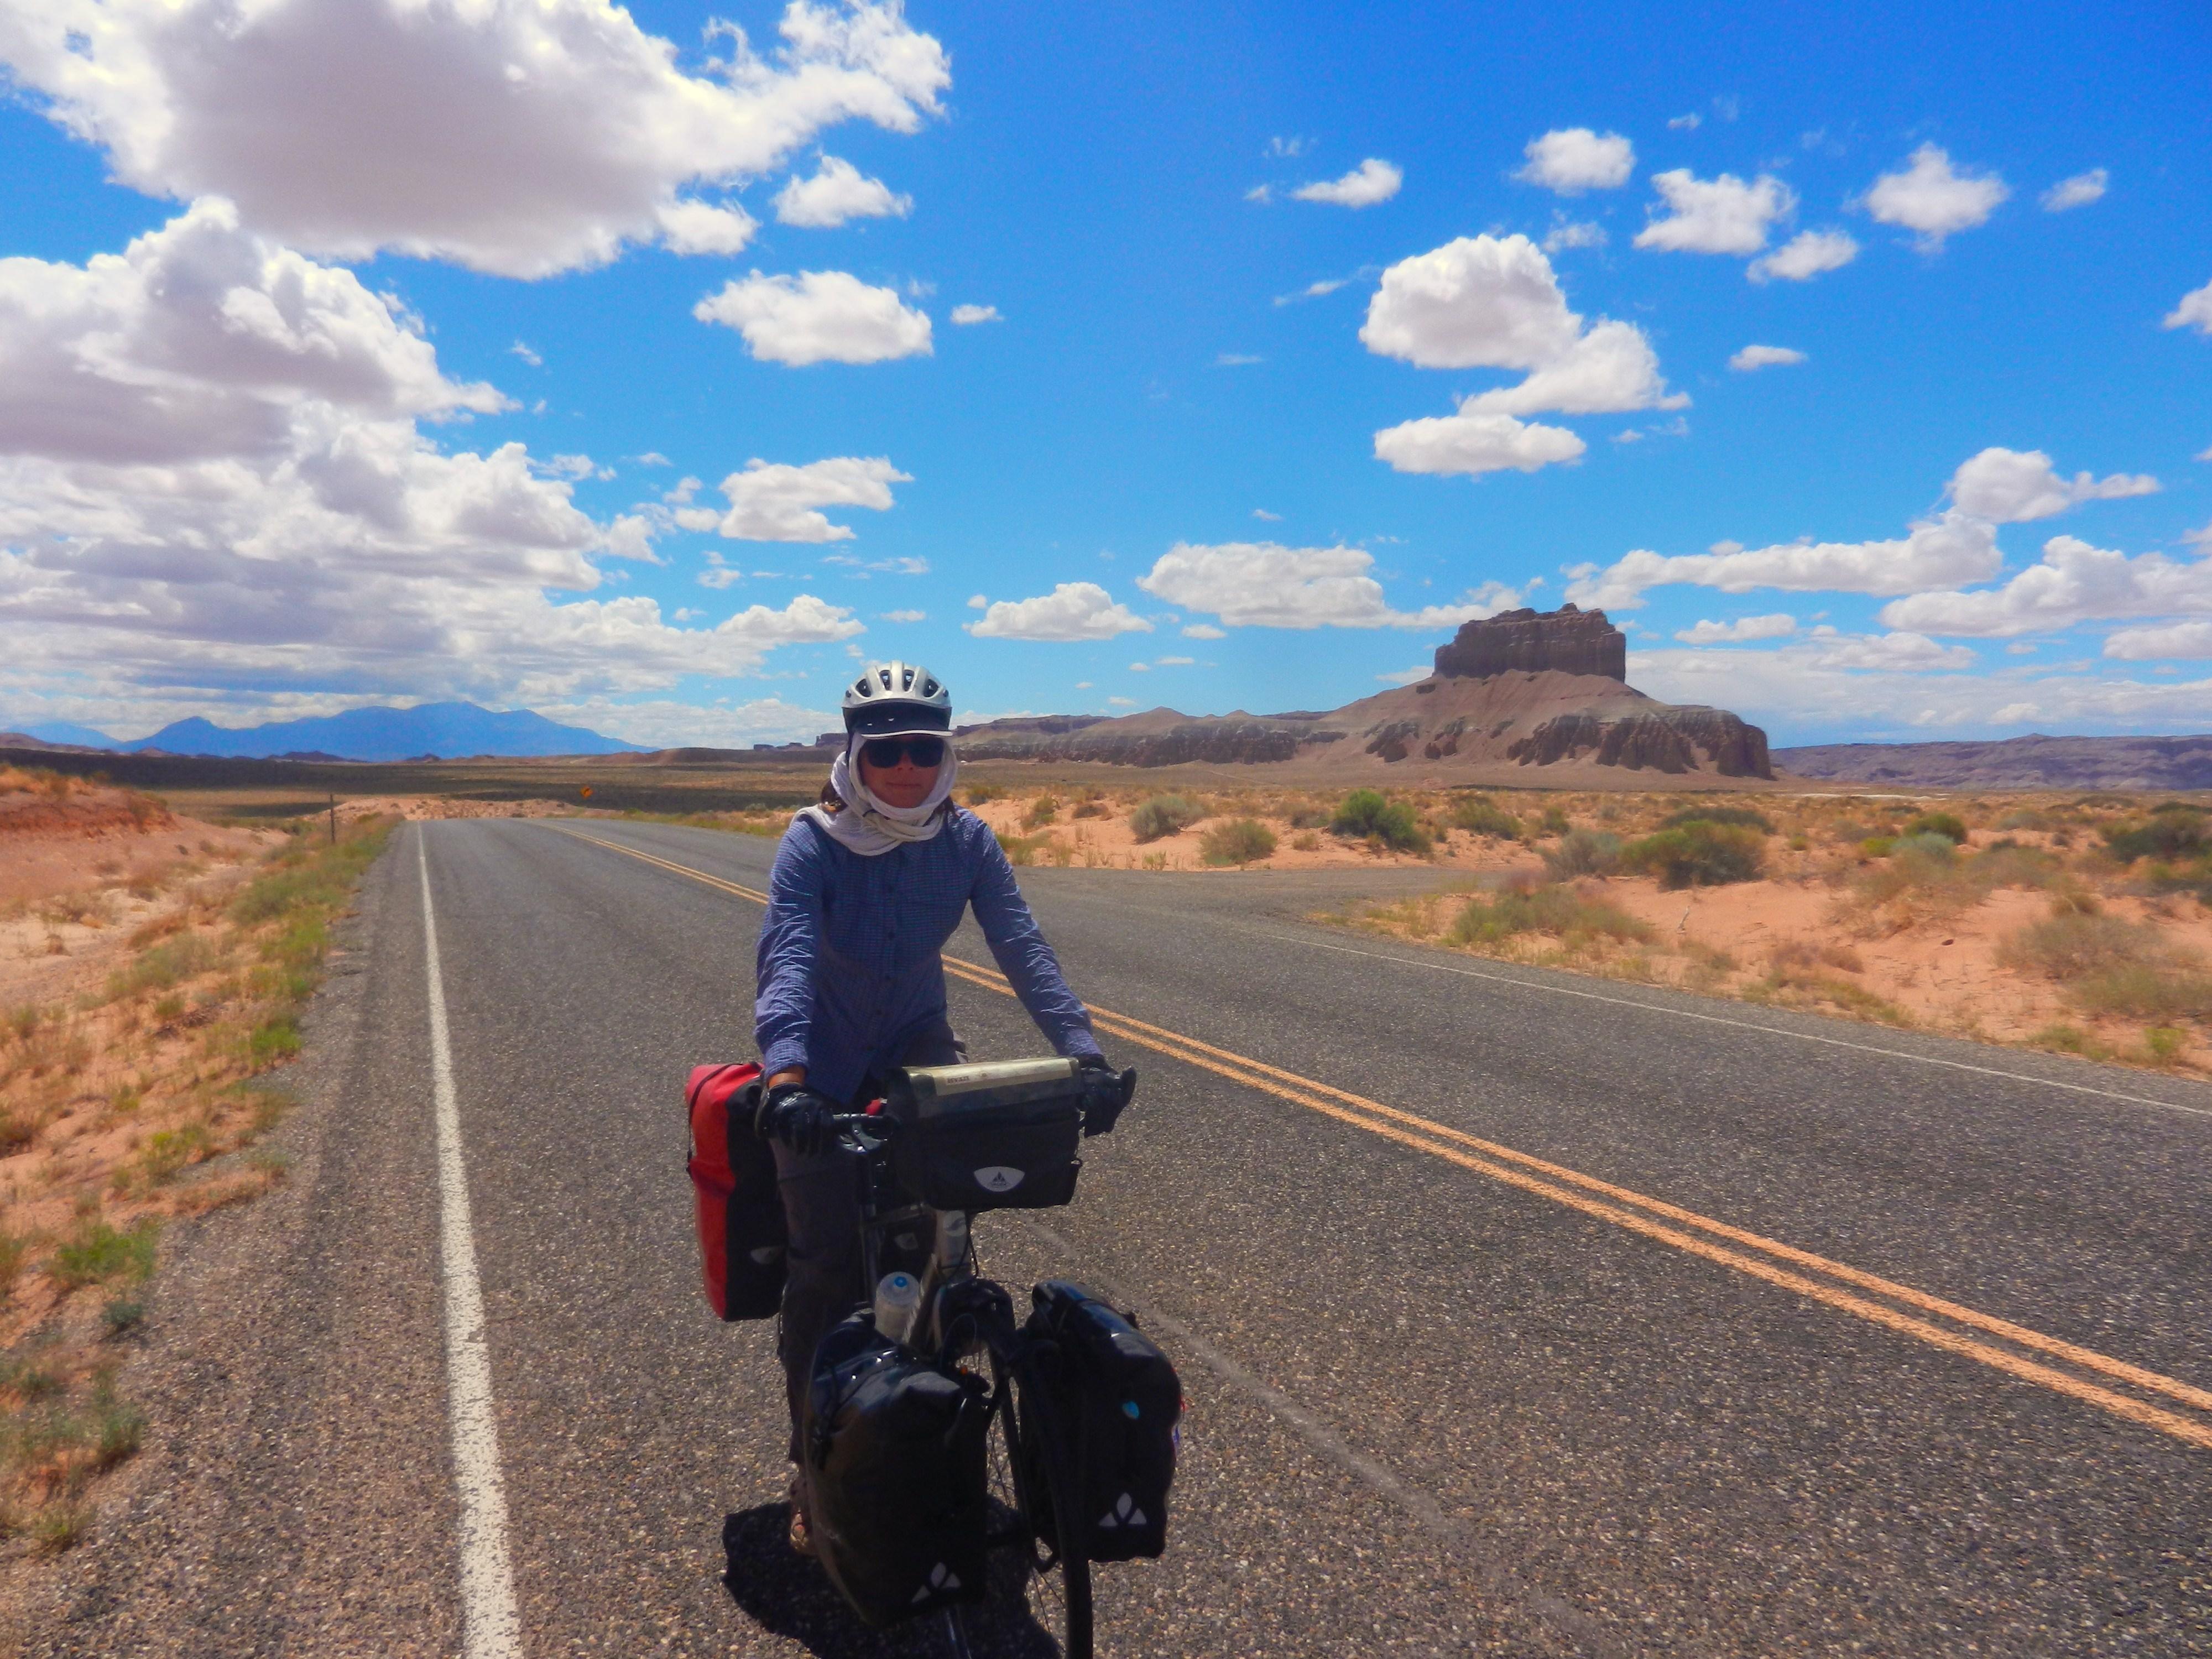 voyage à vélo en amérique du nord #5